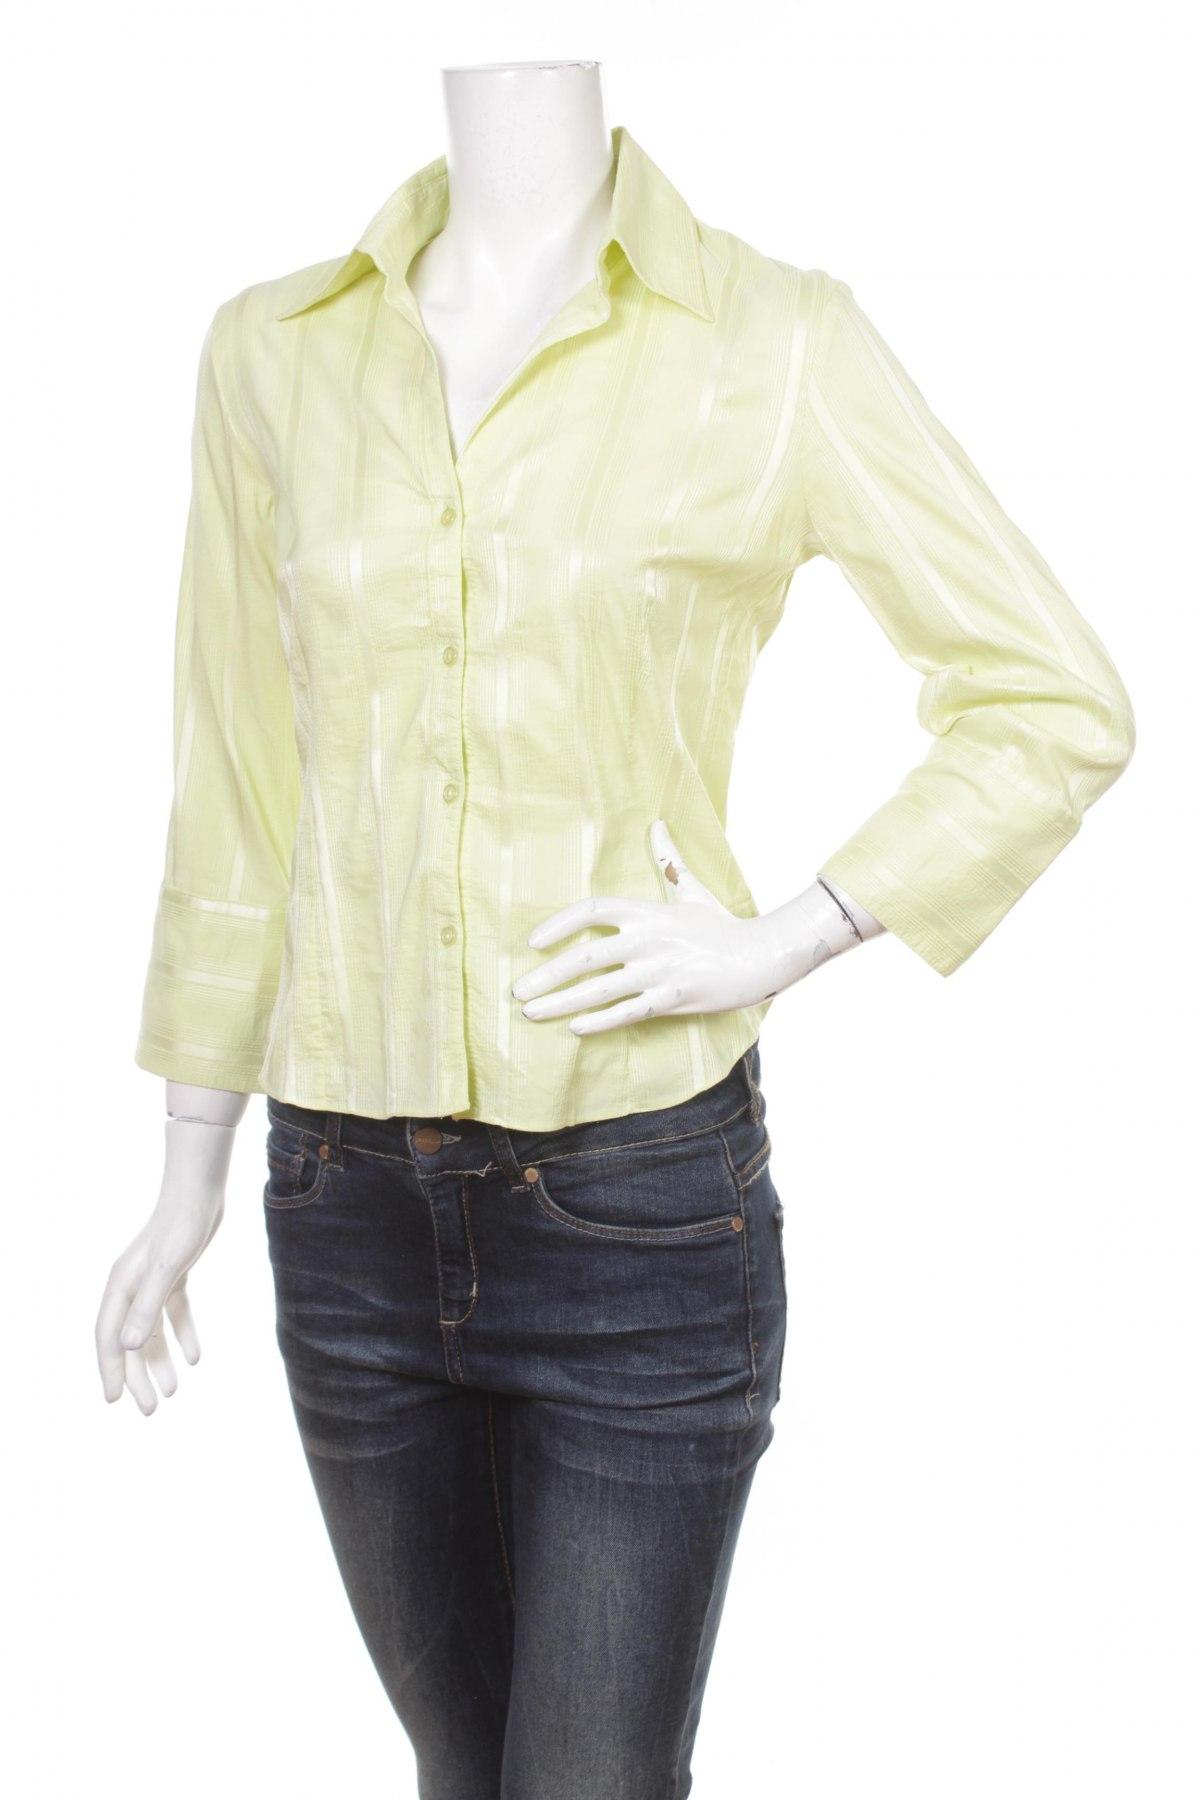 Γυναικείο πουκάμισο H&M, Μέγεθος S, Χρώμα Κίτρινο, Τιμή 15,46€